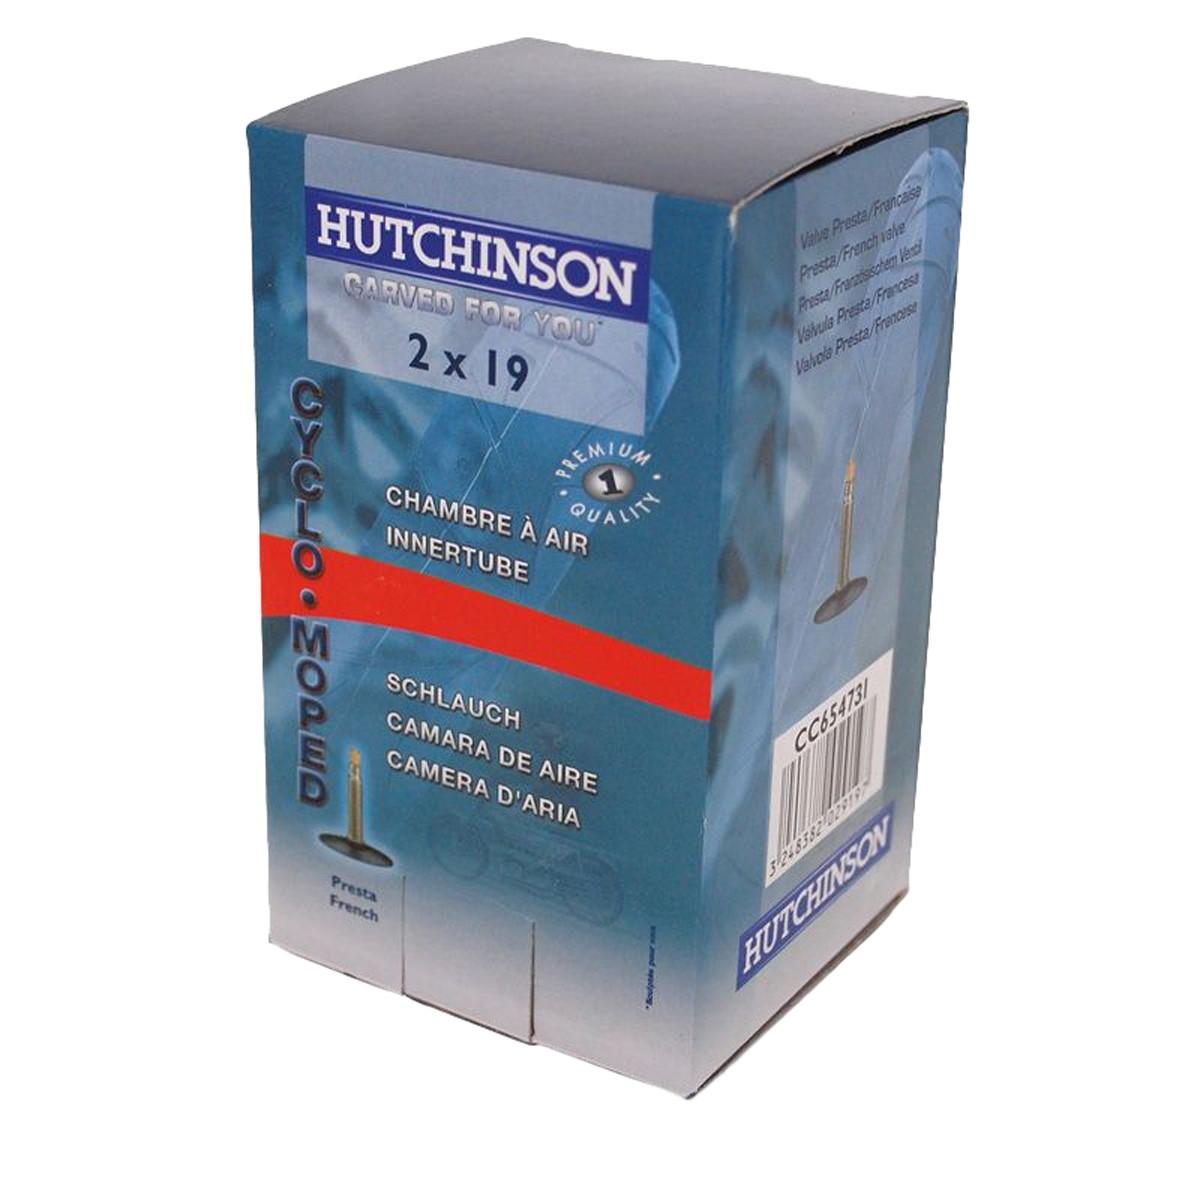 Chambre air 19 pouces hutchinson 2x19 valve presta for Chambre air 13 pouces